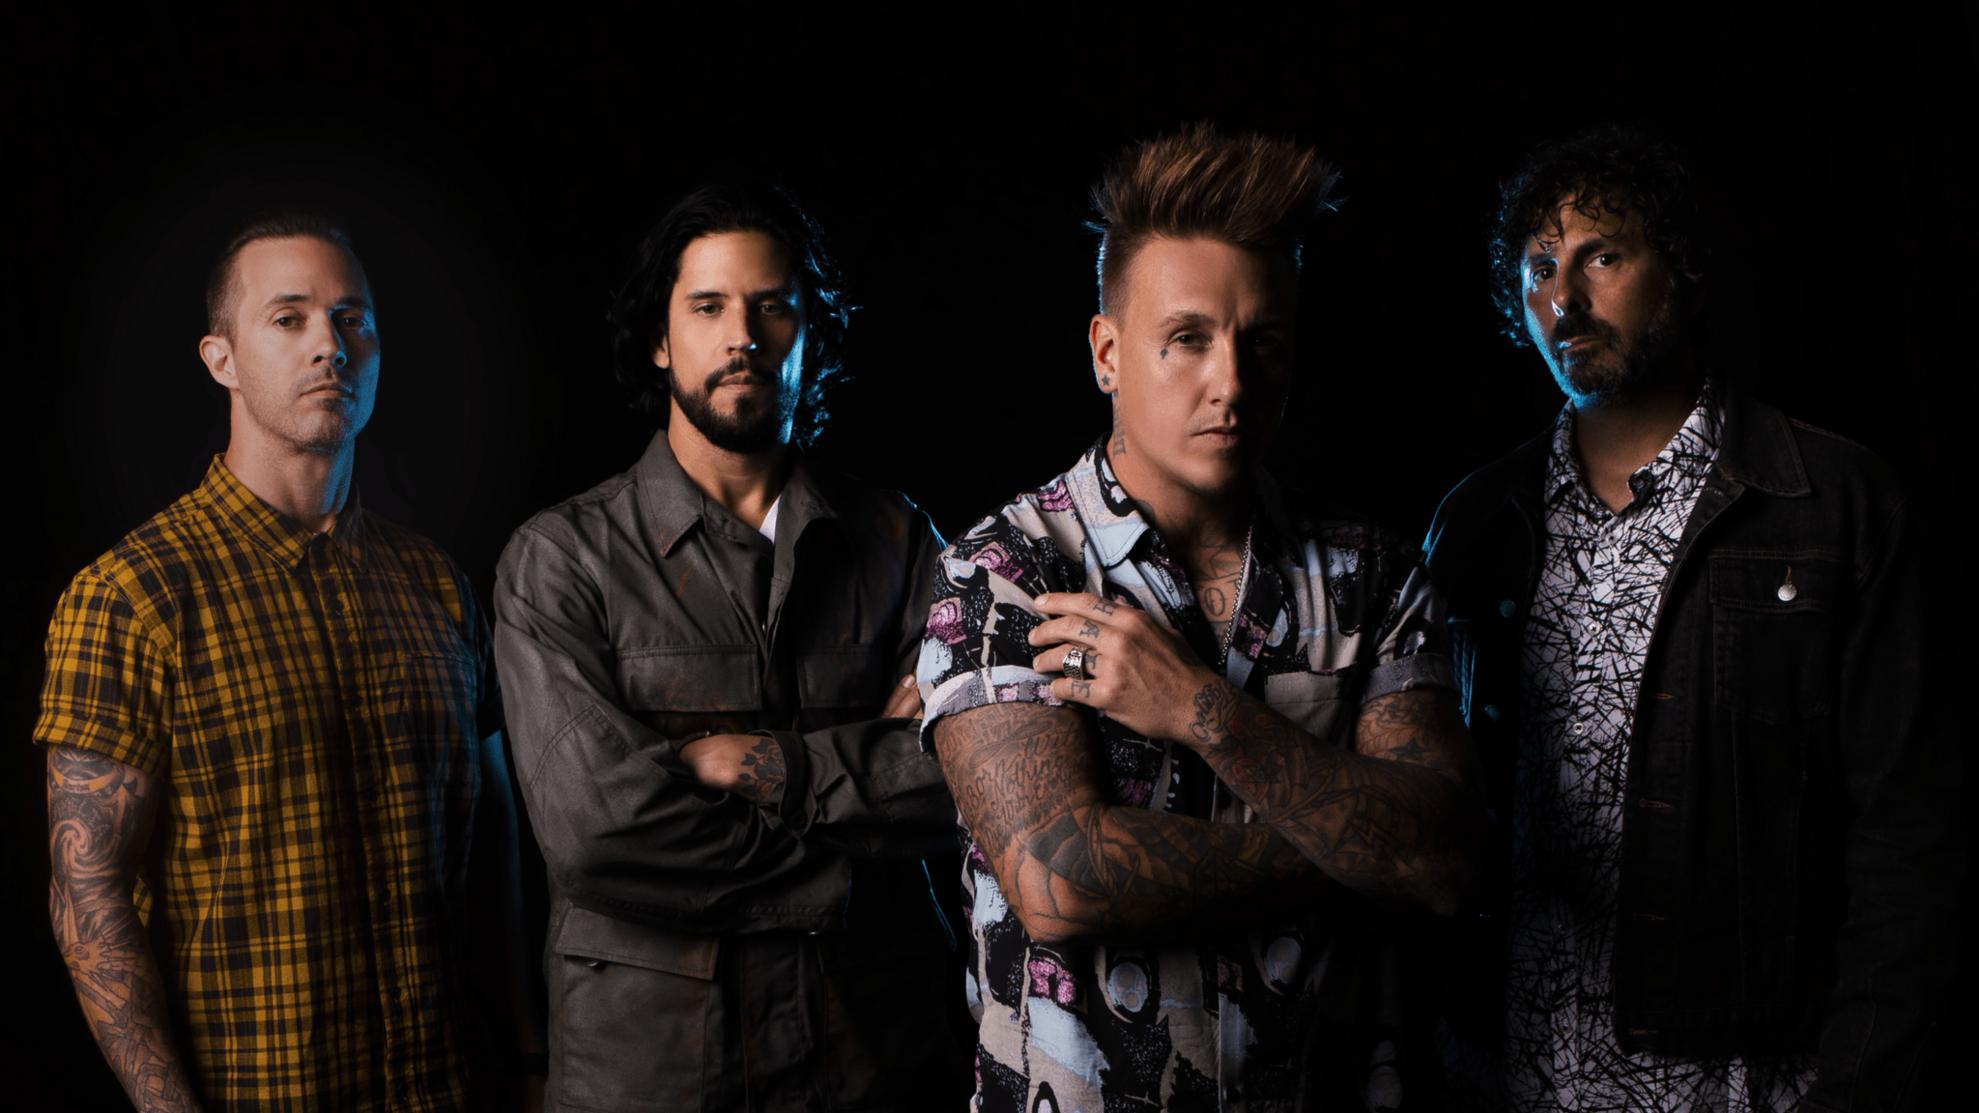 Papa Roach (US), Hollywood Undead (US), Ice Nine Kills (US)